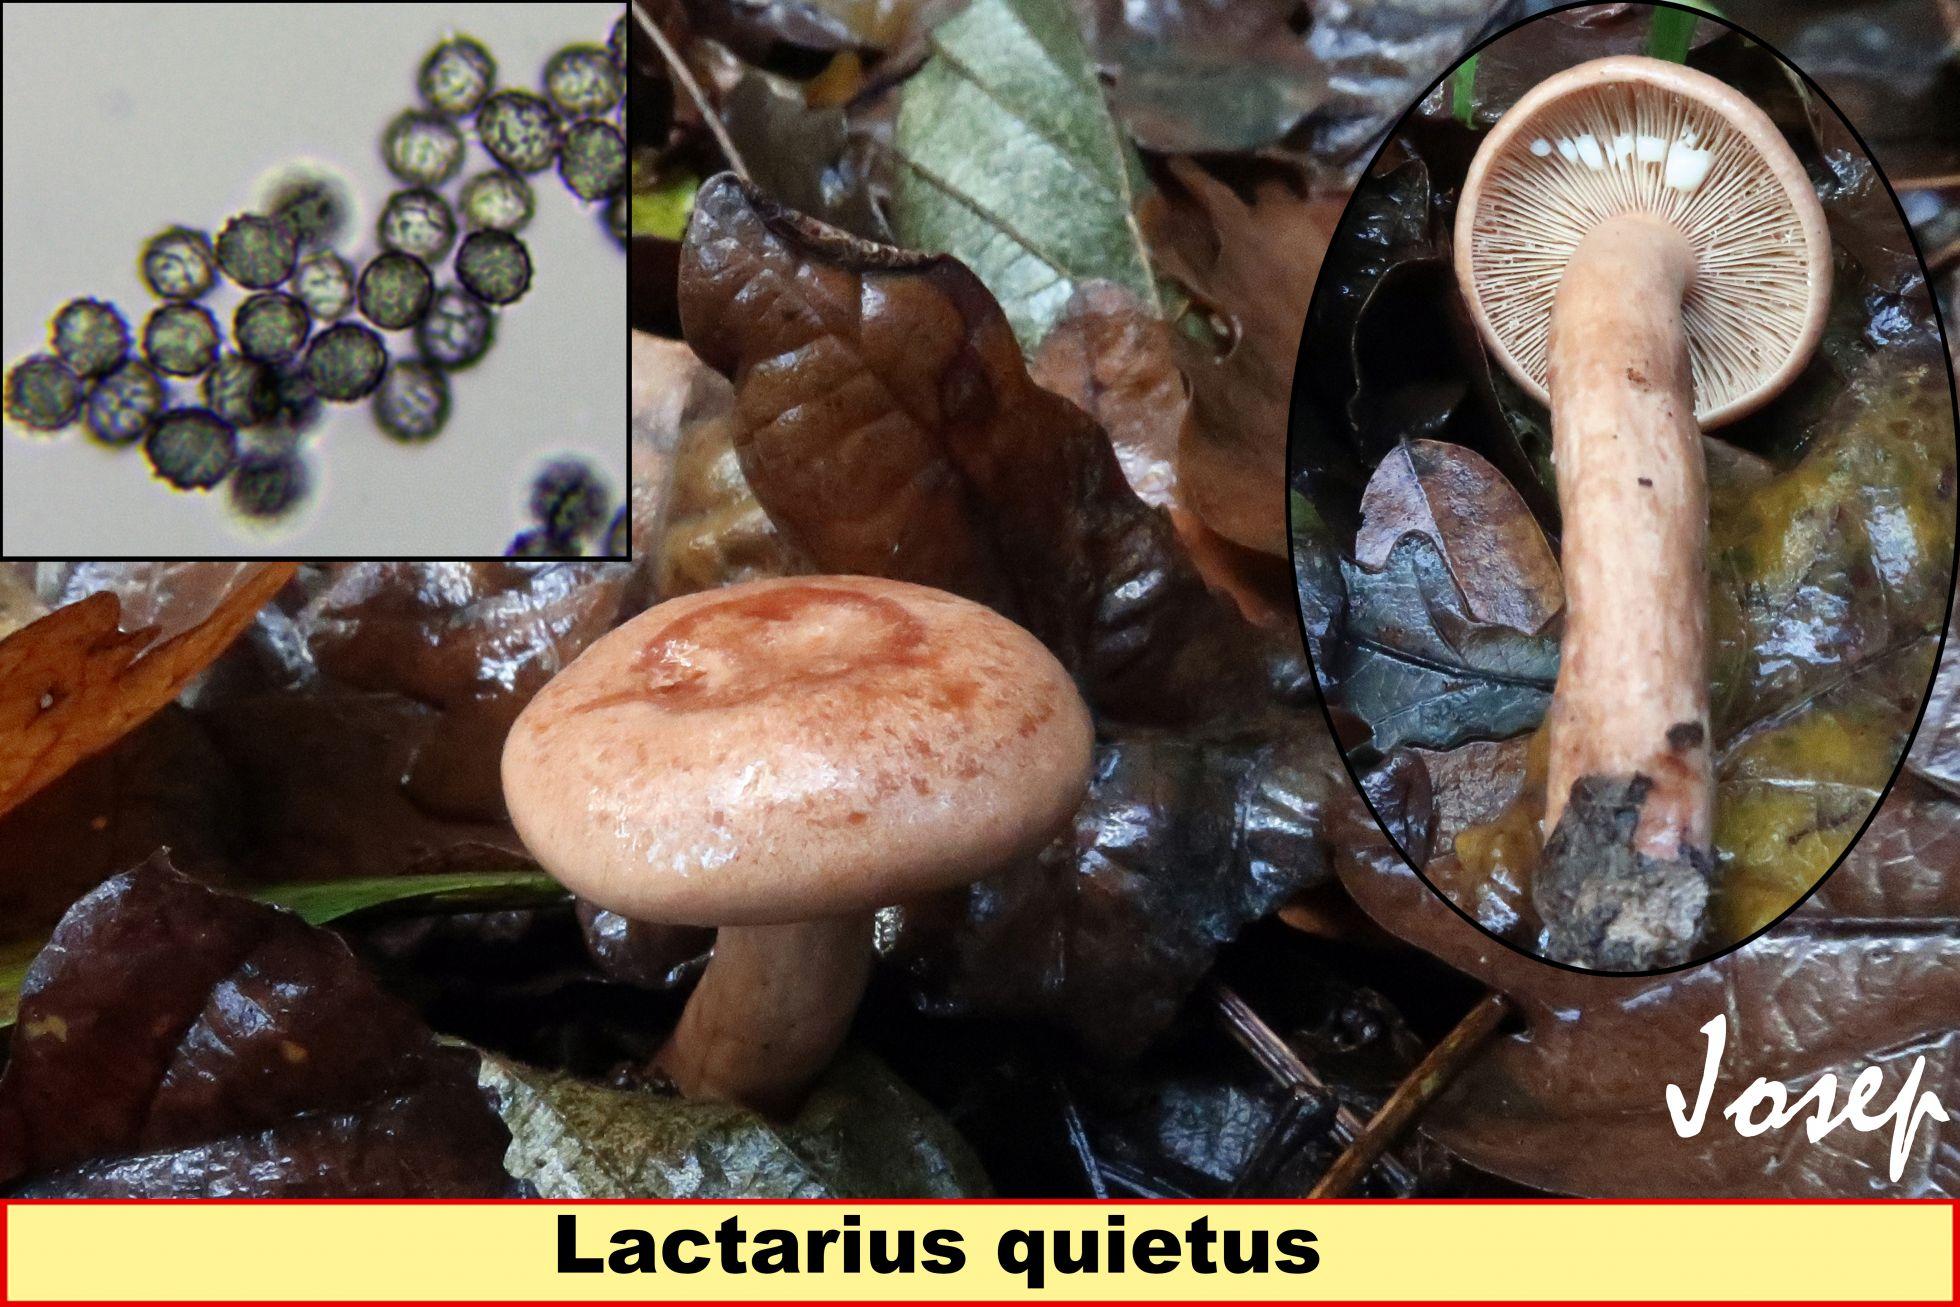 Lactariusquietus_2019-08-16.jpg